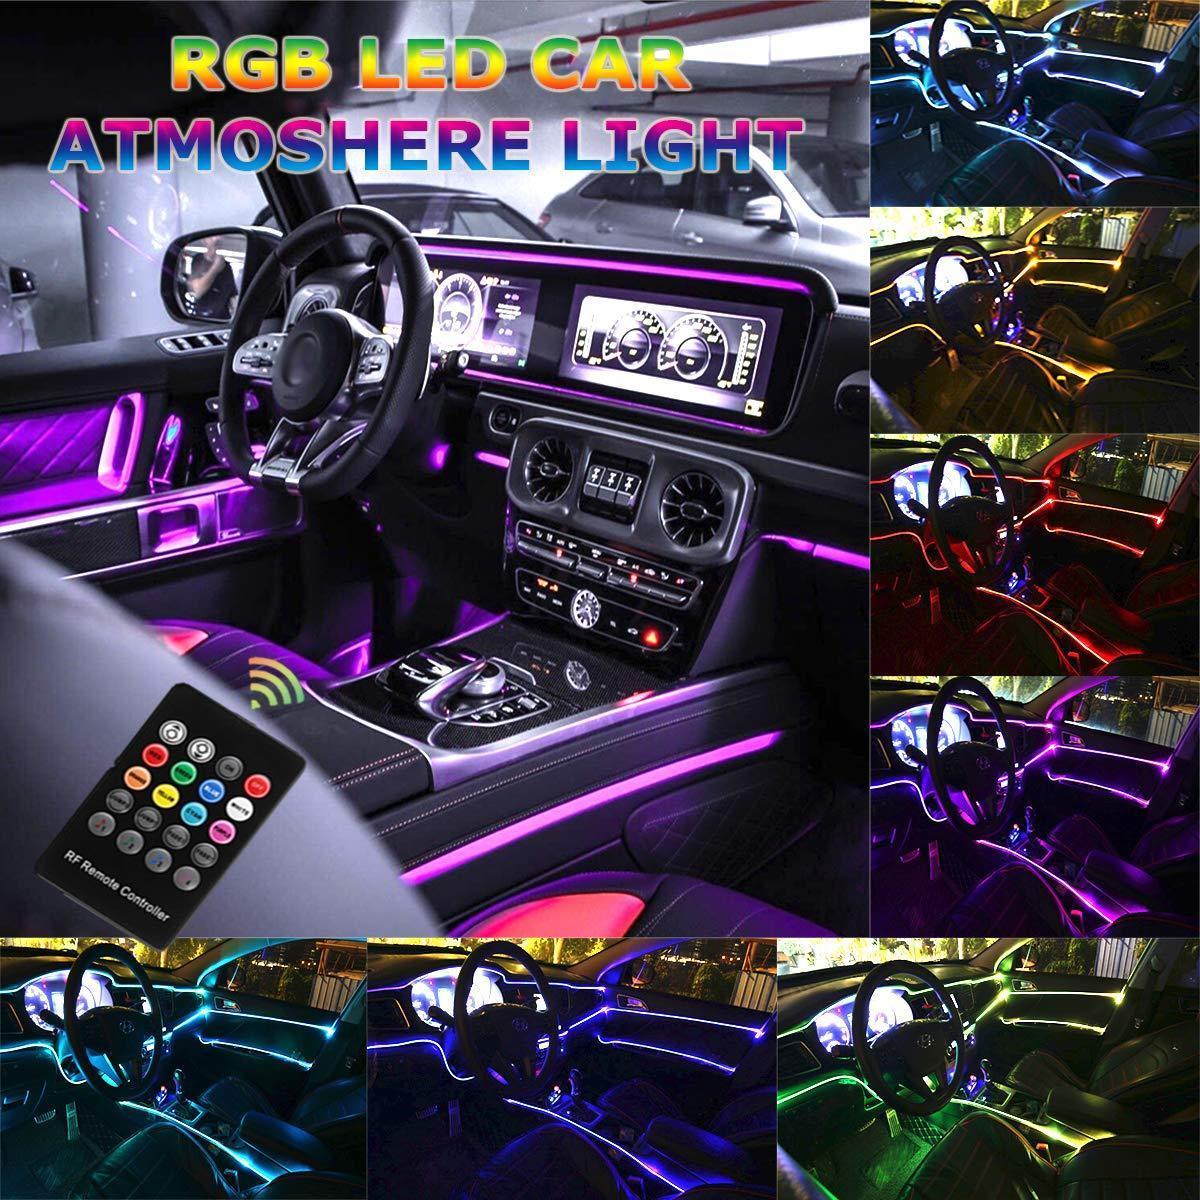 سيارة LED قطاع الخفيفة - موسيقى RGB أضواء النيون لهجة - 5 في 1 مع 6 متر / 236.22 بوصة، وتصميم داخلي جو قطاع مصباح